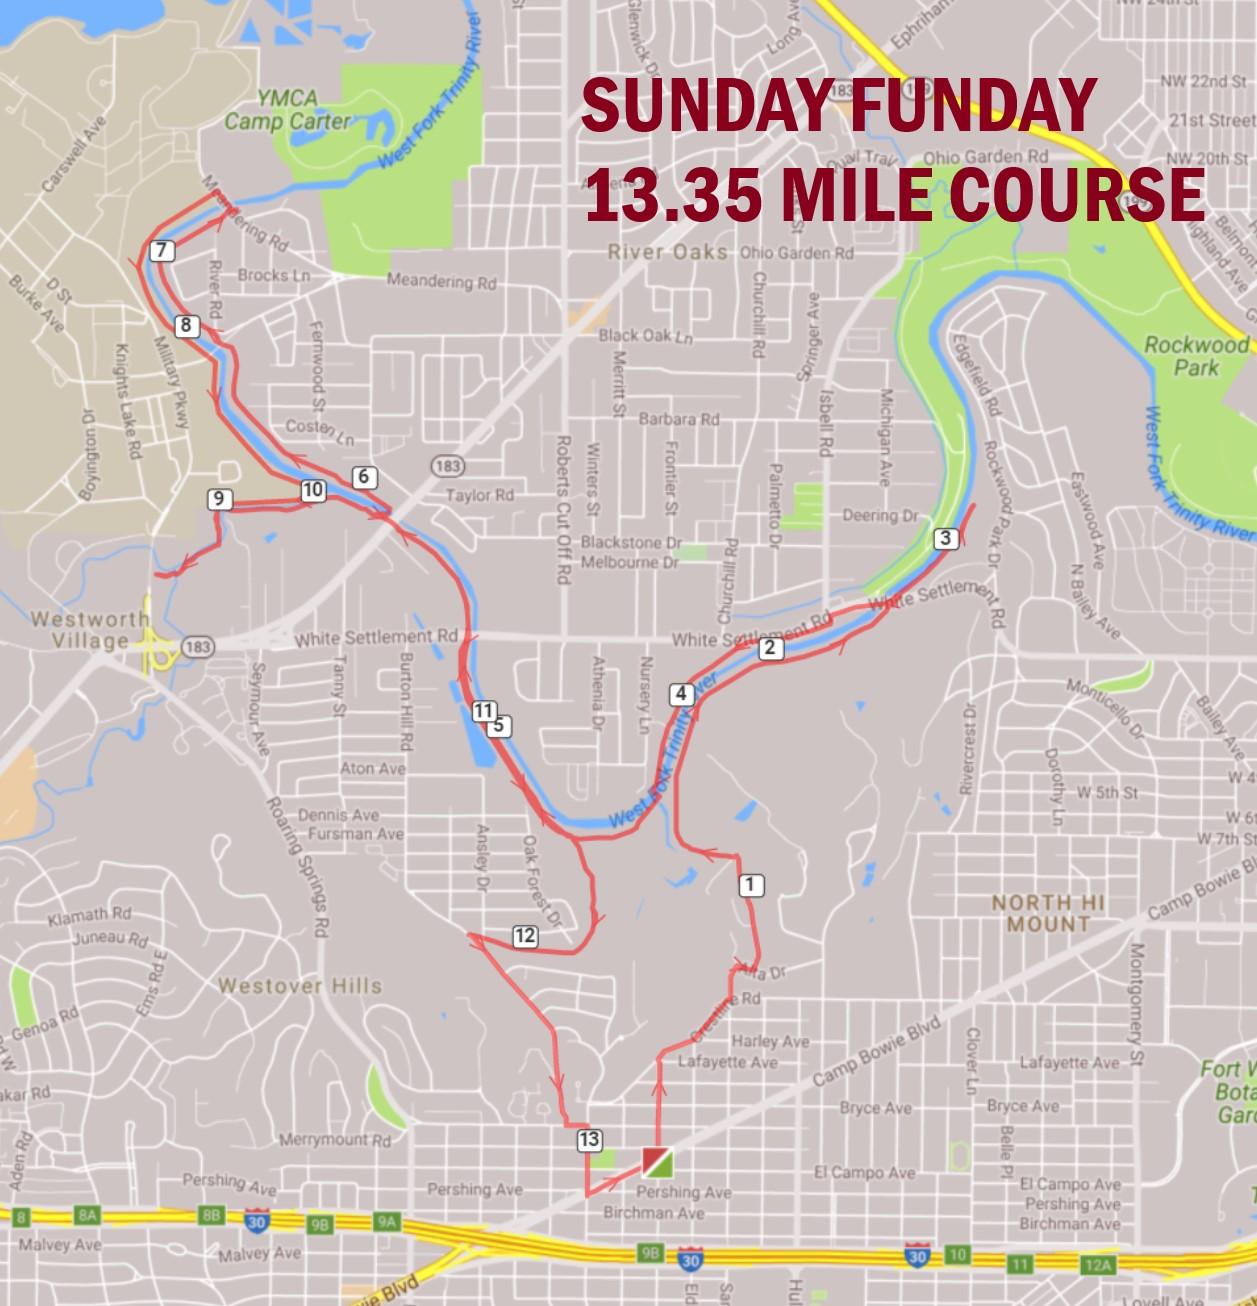 SUNDAY FUNDAY 13.35 MILE ROUTE